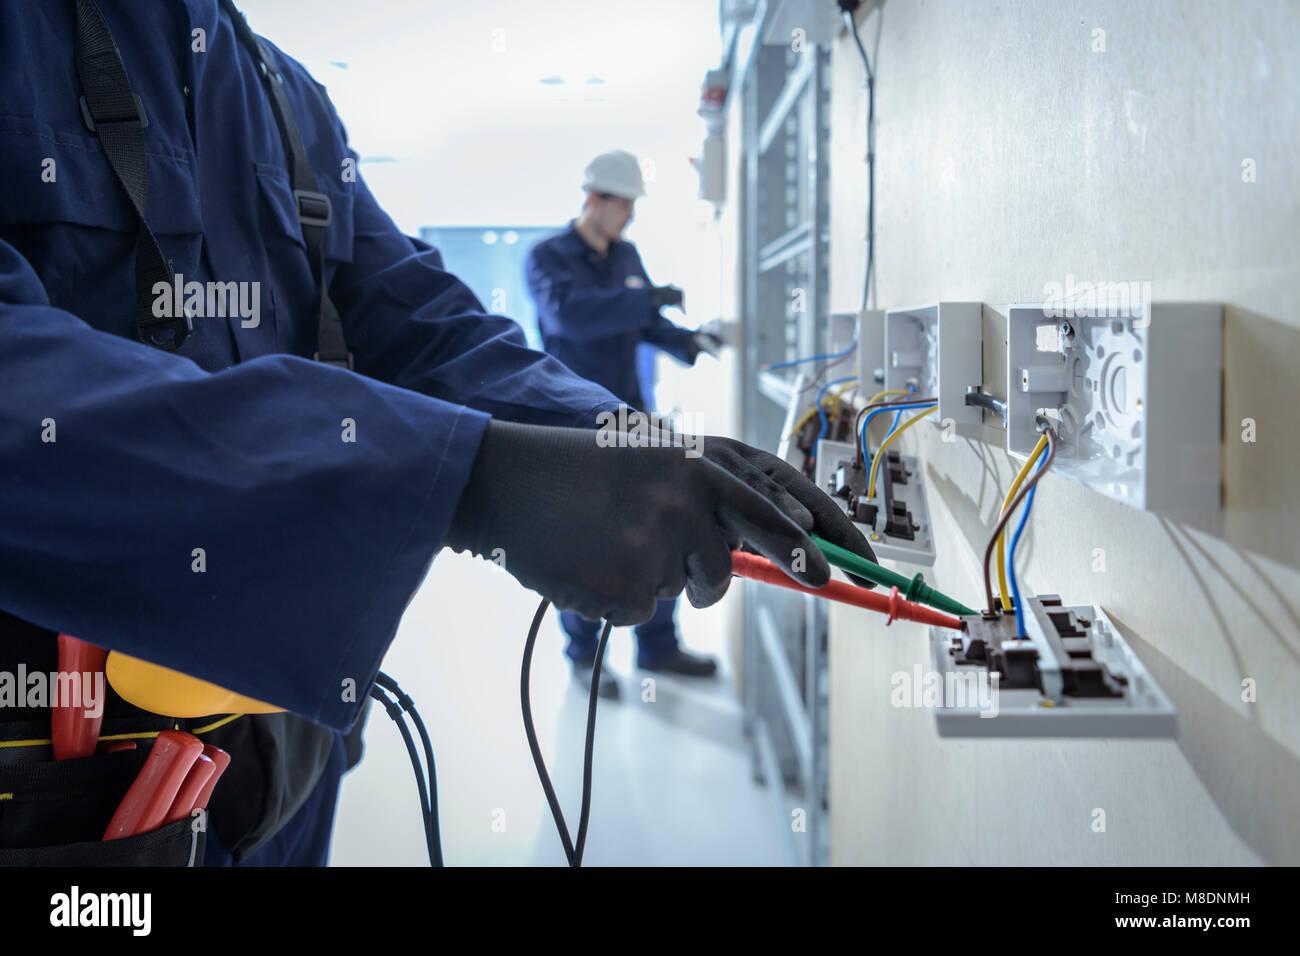 Los ingenieros eléctricos probando equipos eléctricos Foto de stock